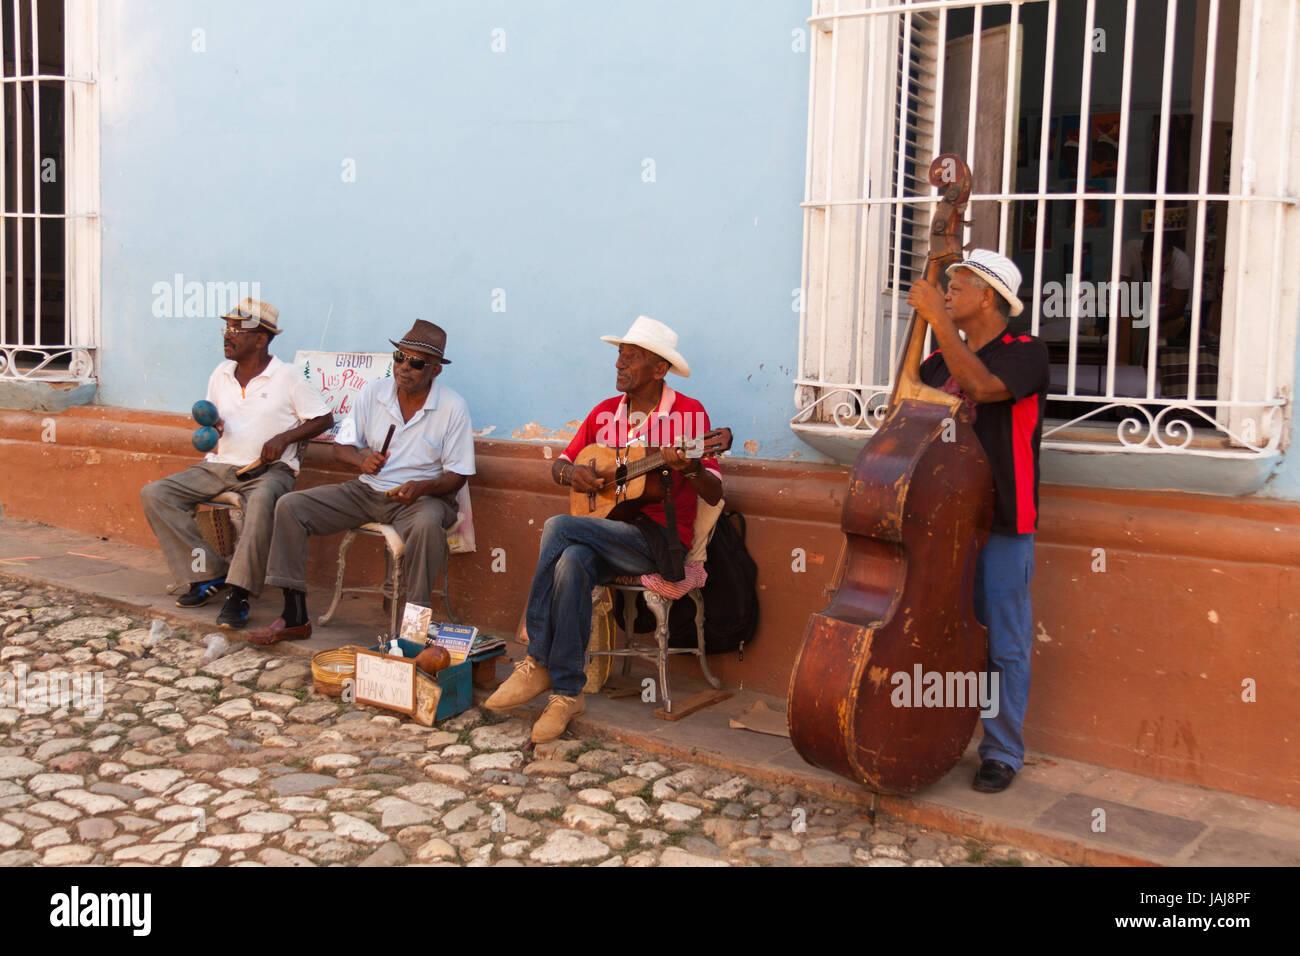 Band spielt auf der Straße. Trinidad, Kuba Stockbild